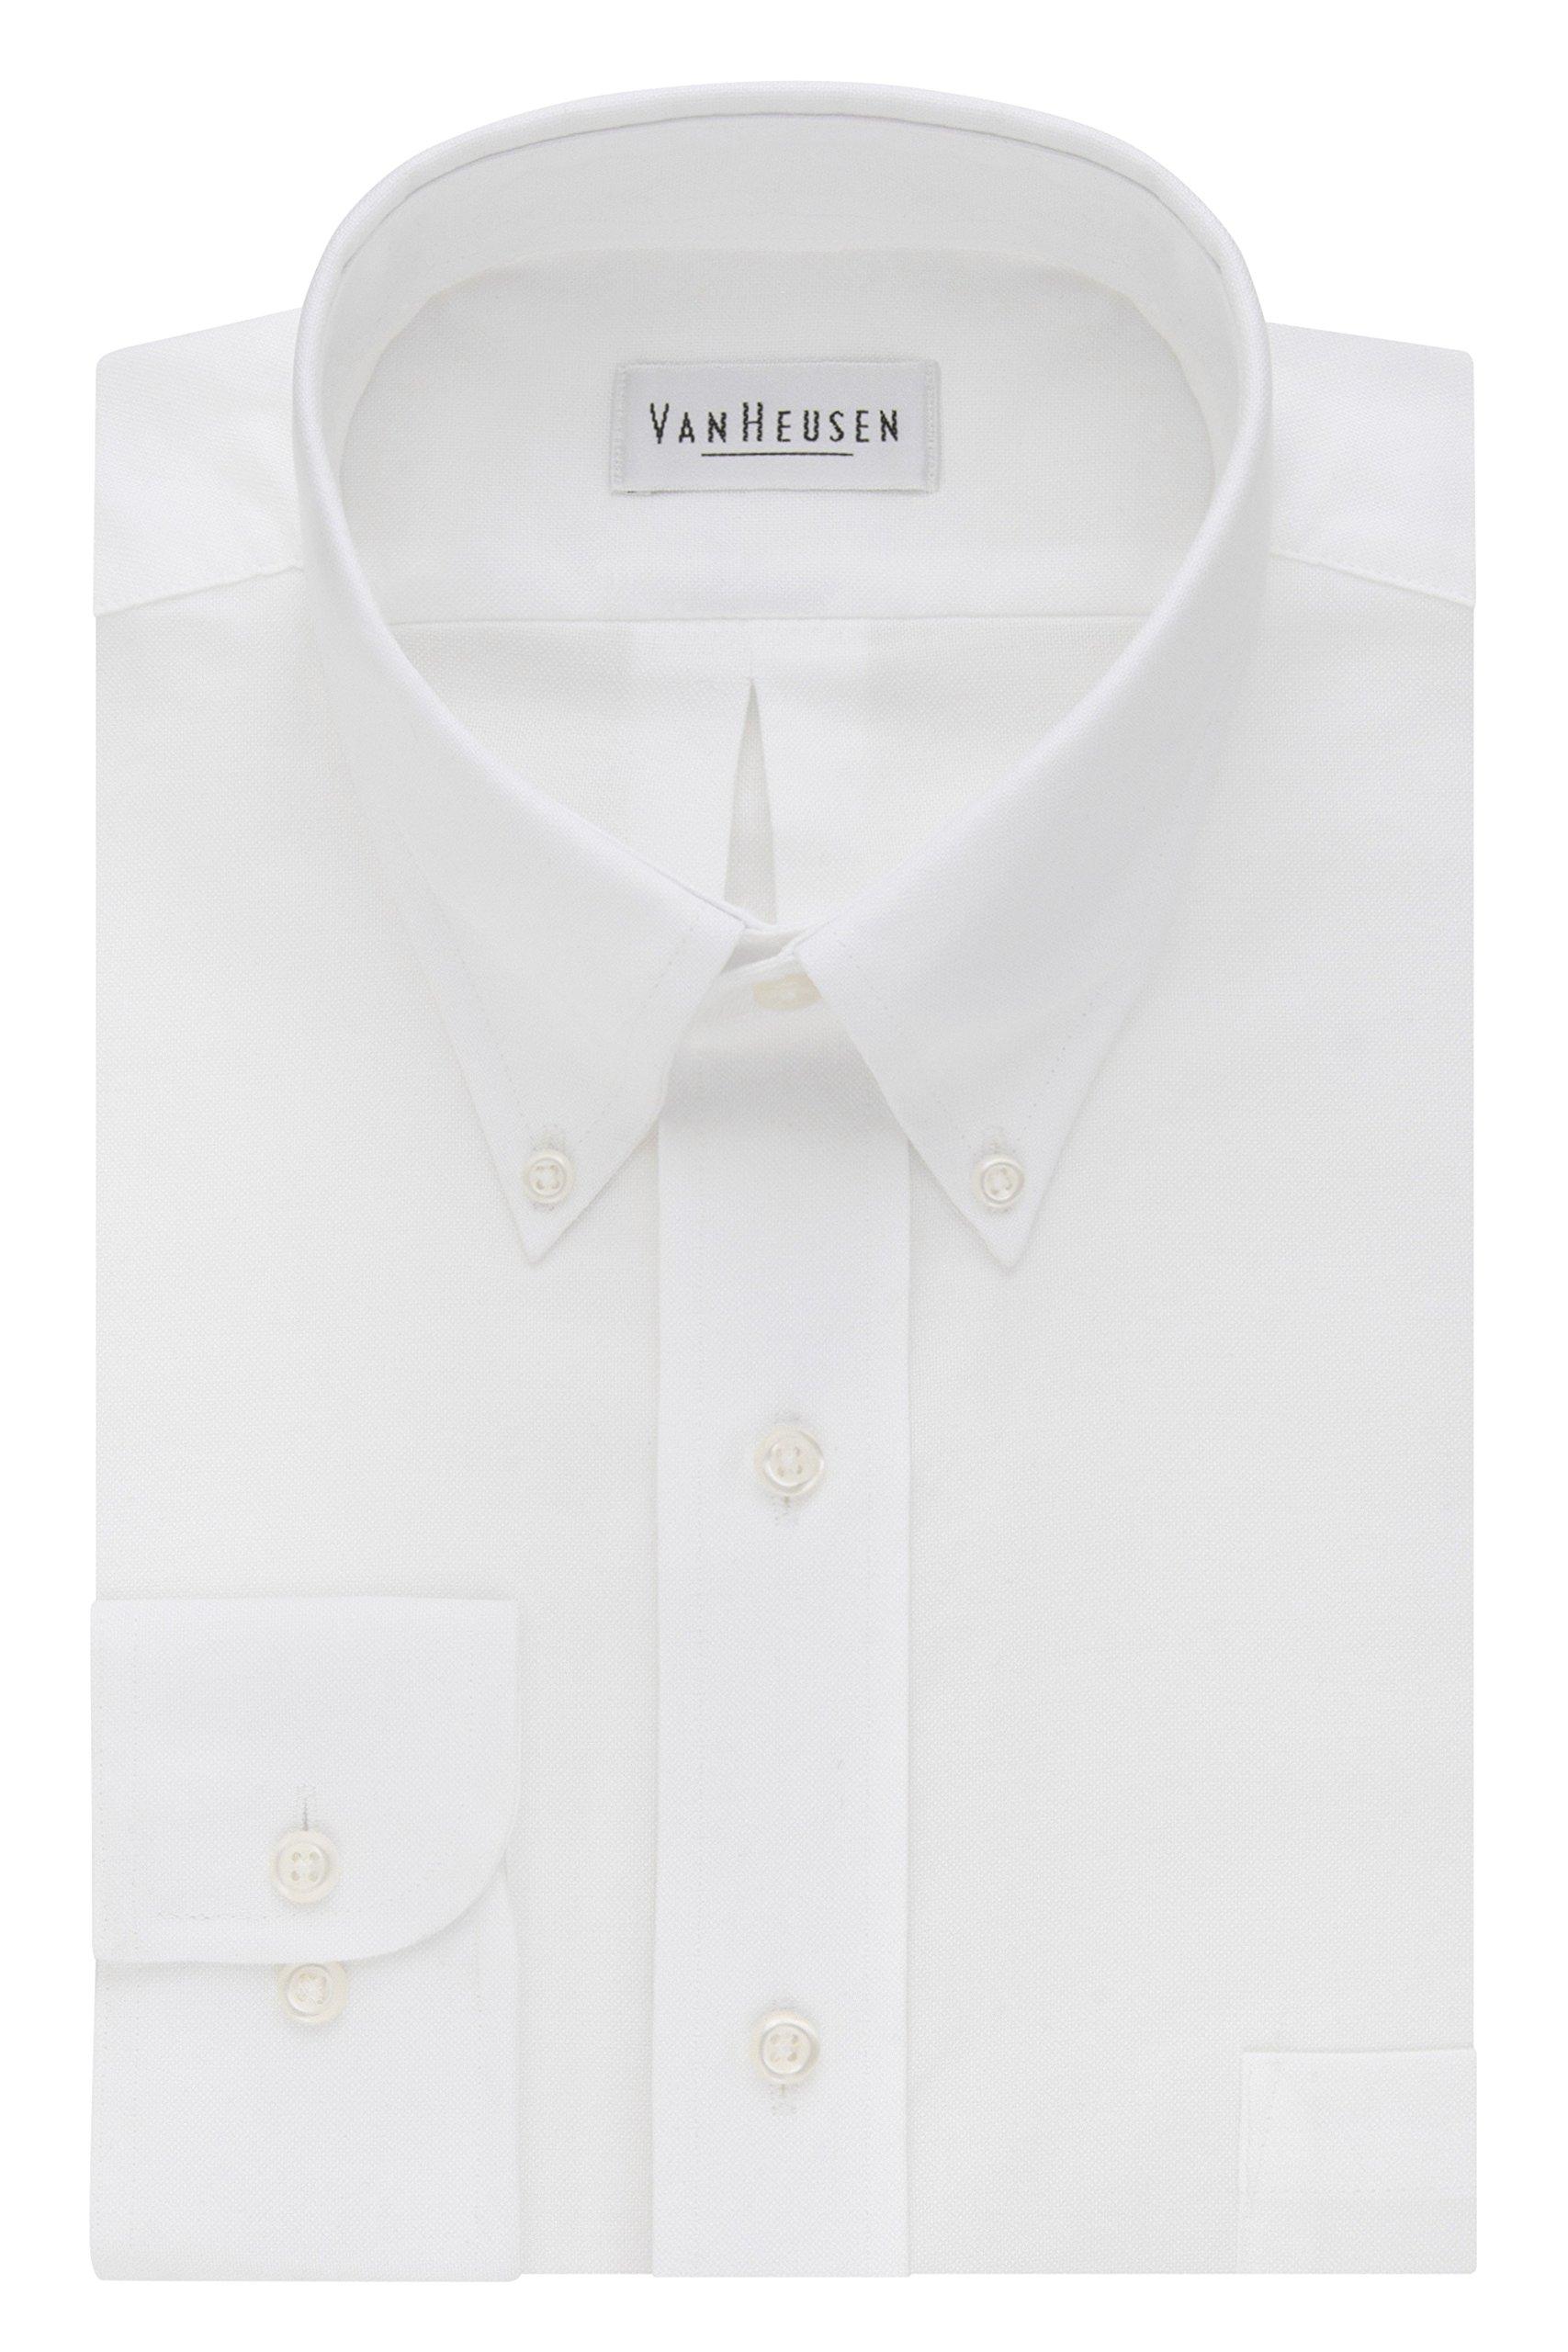 Van Heusen Men's Long-Sleeve Oxford Dress Shirt, White, 21'' Neck 36''-37'' Sleeve